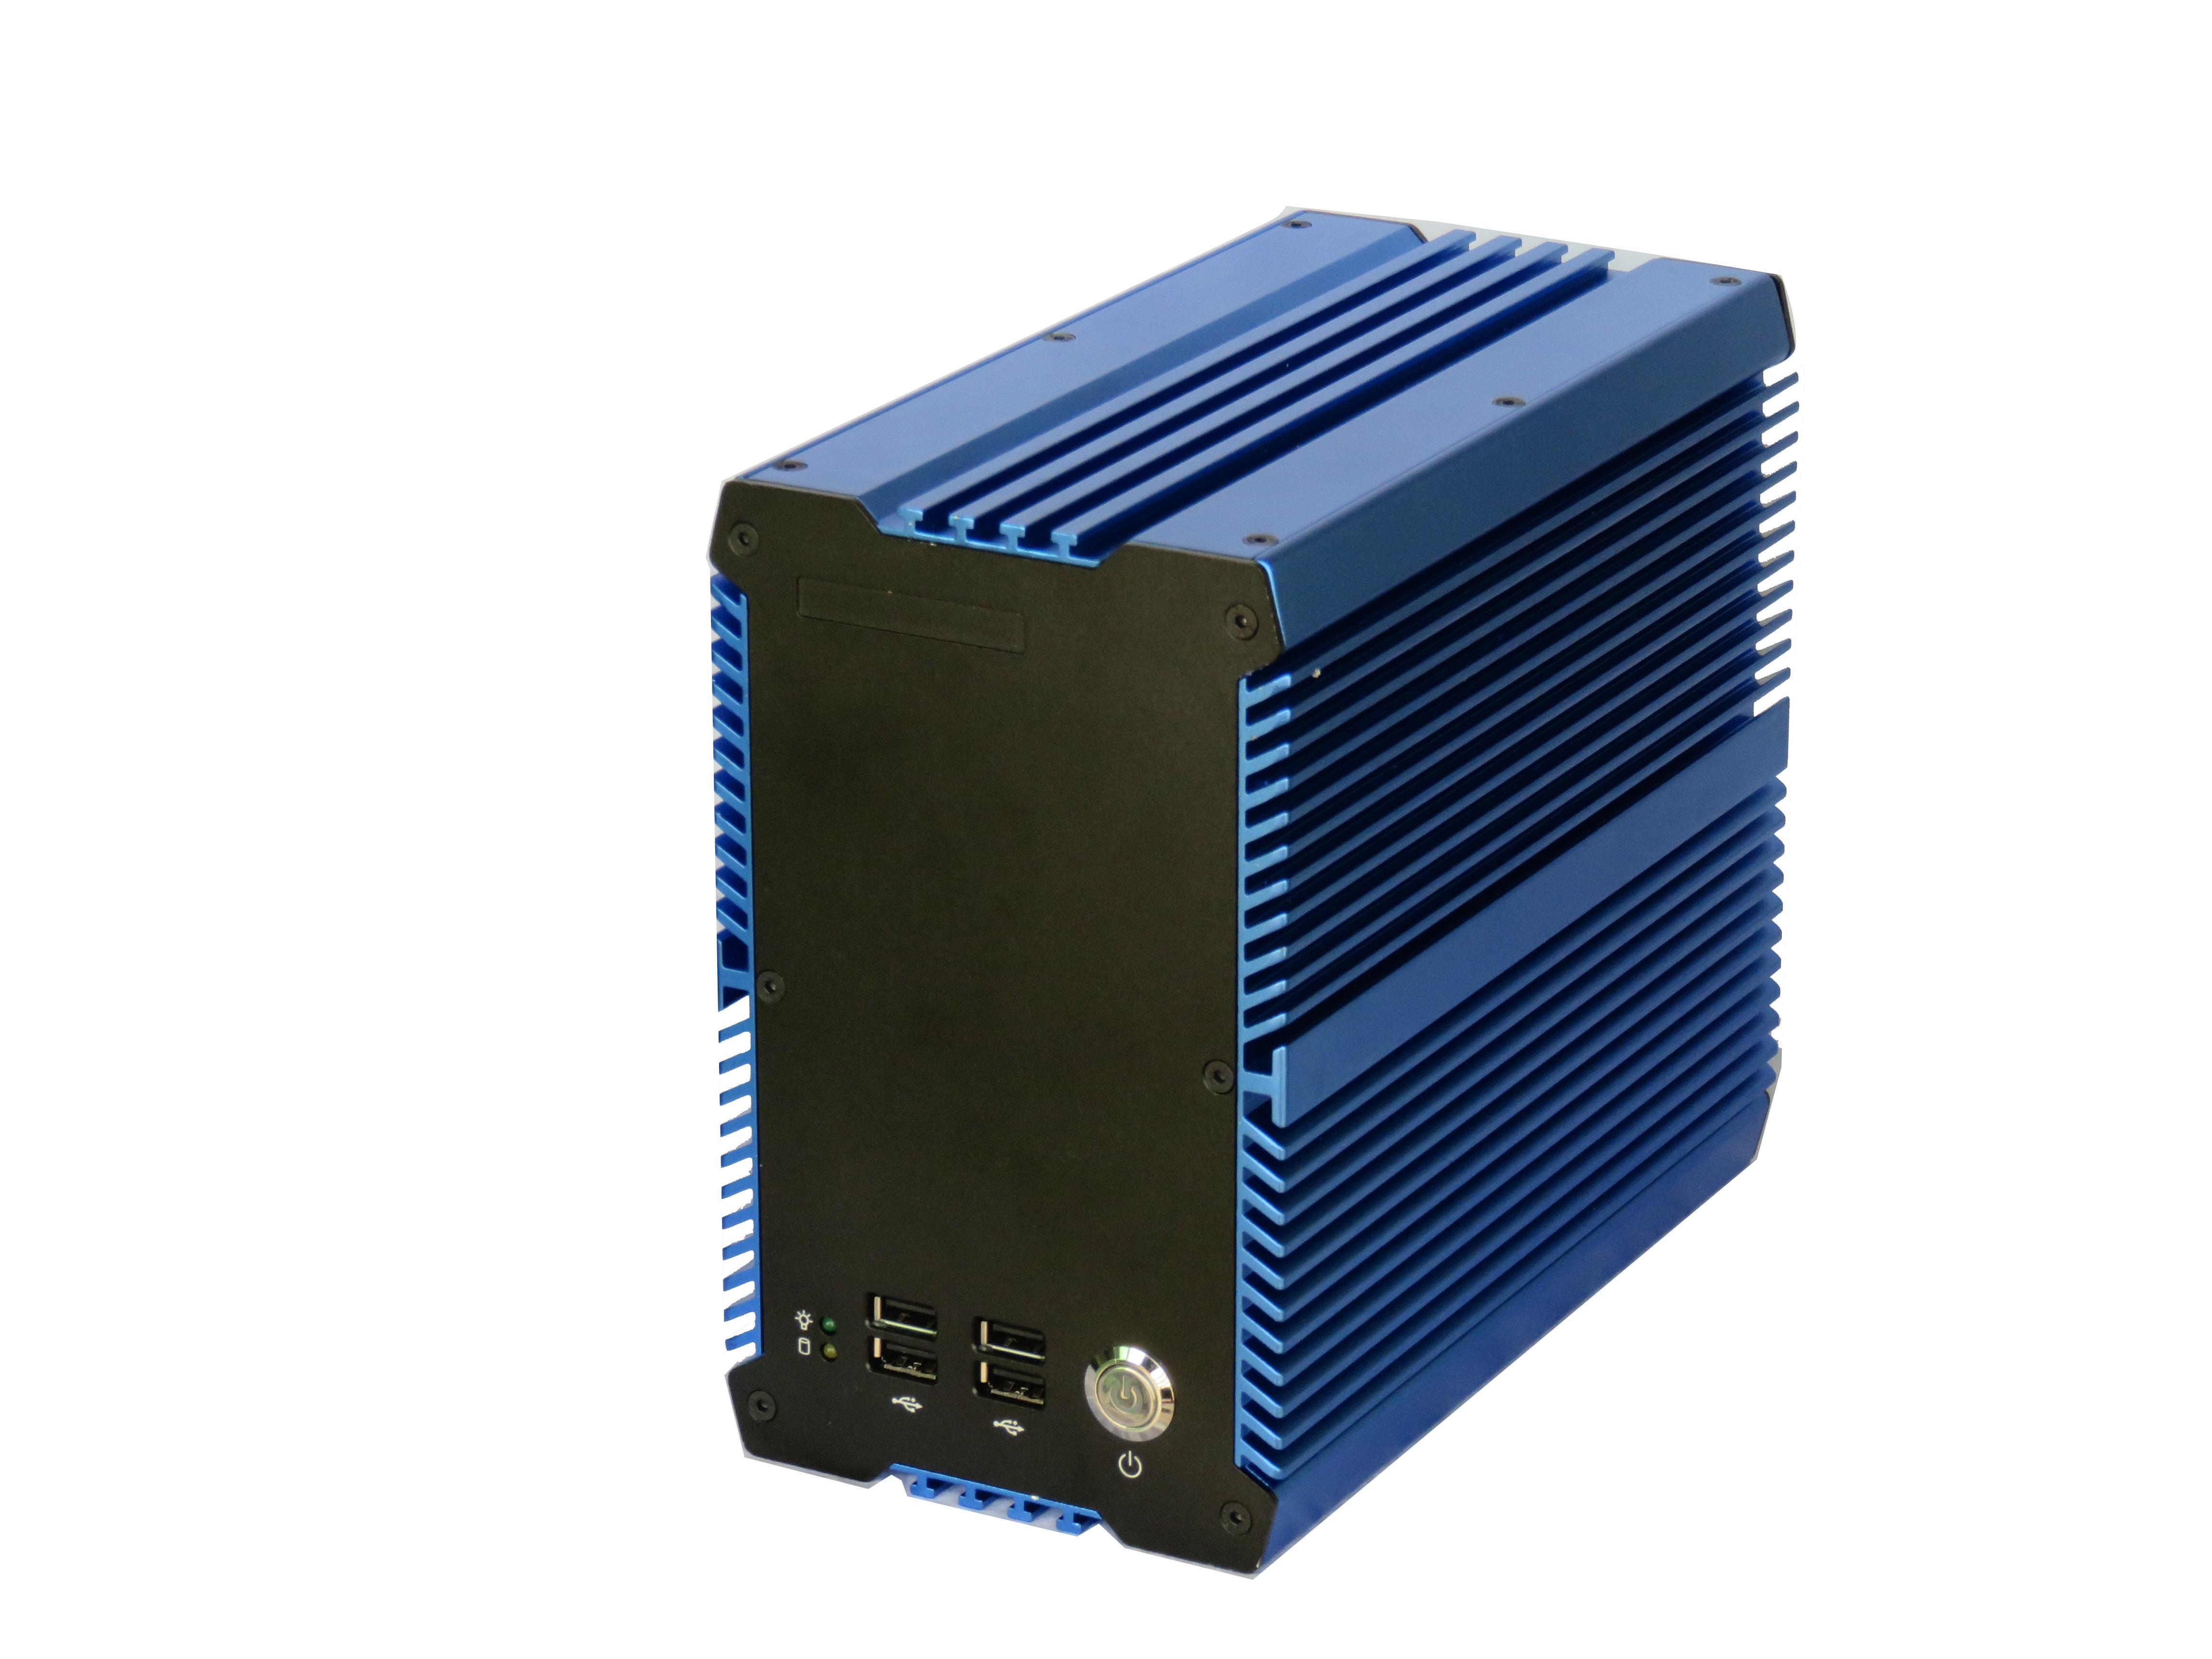 工控厂家直销嵌入式无风扇工控机 电脑主机支持2个PCI槽 DEC-1032